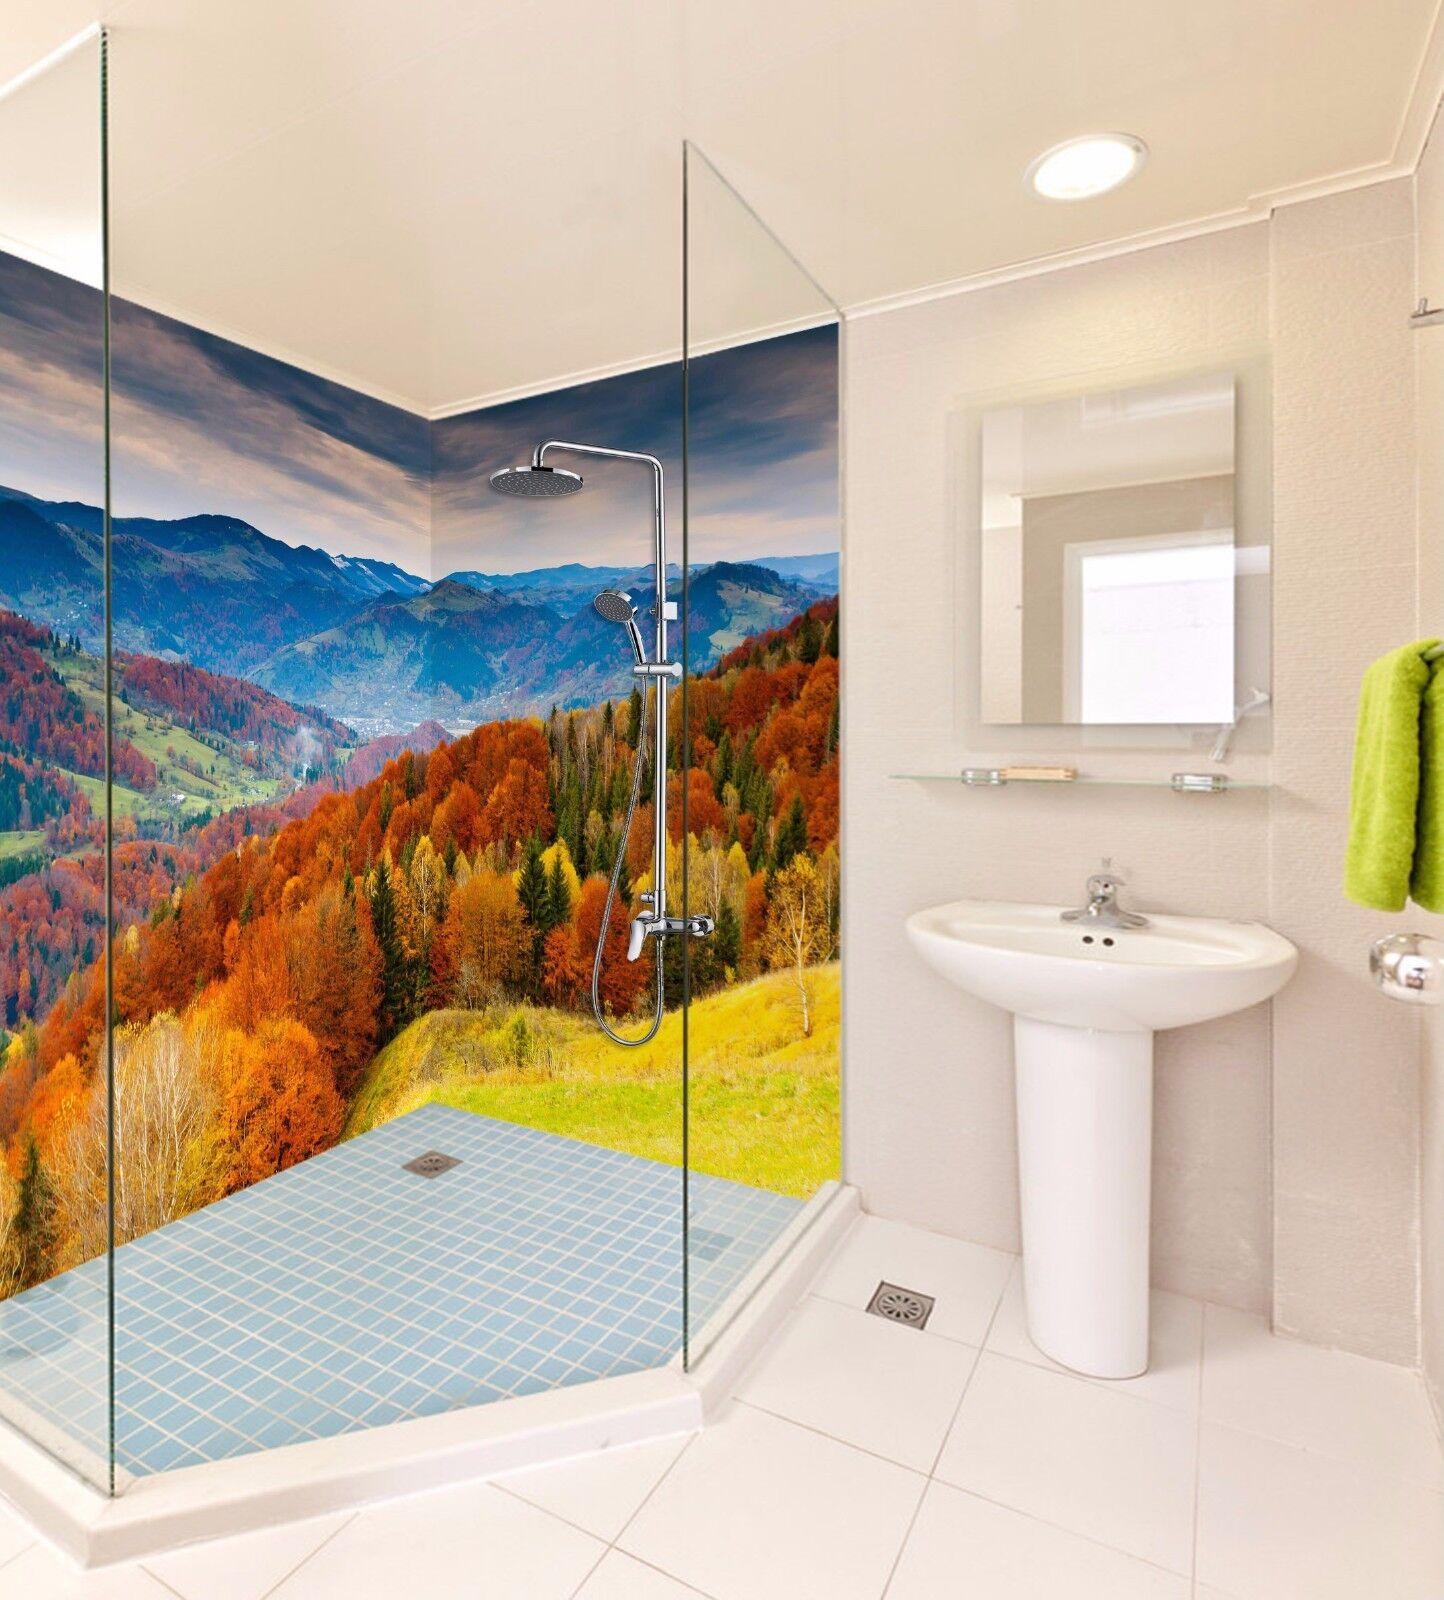 3D Sky autumn hill 536 WallPaper Bathroom Print Decal Wall Deco AJ WALLPAPER UK